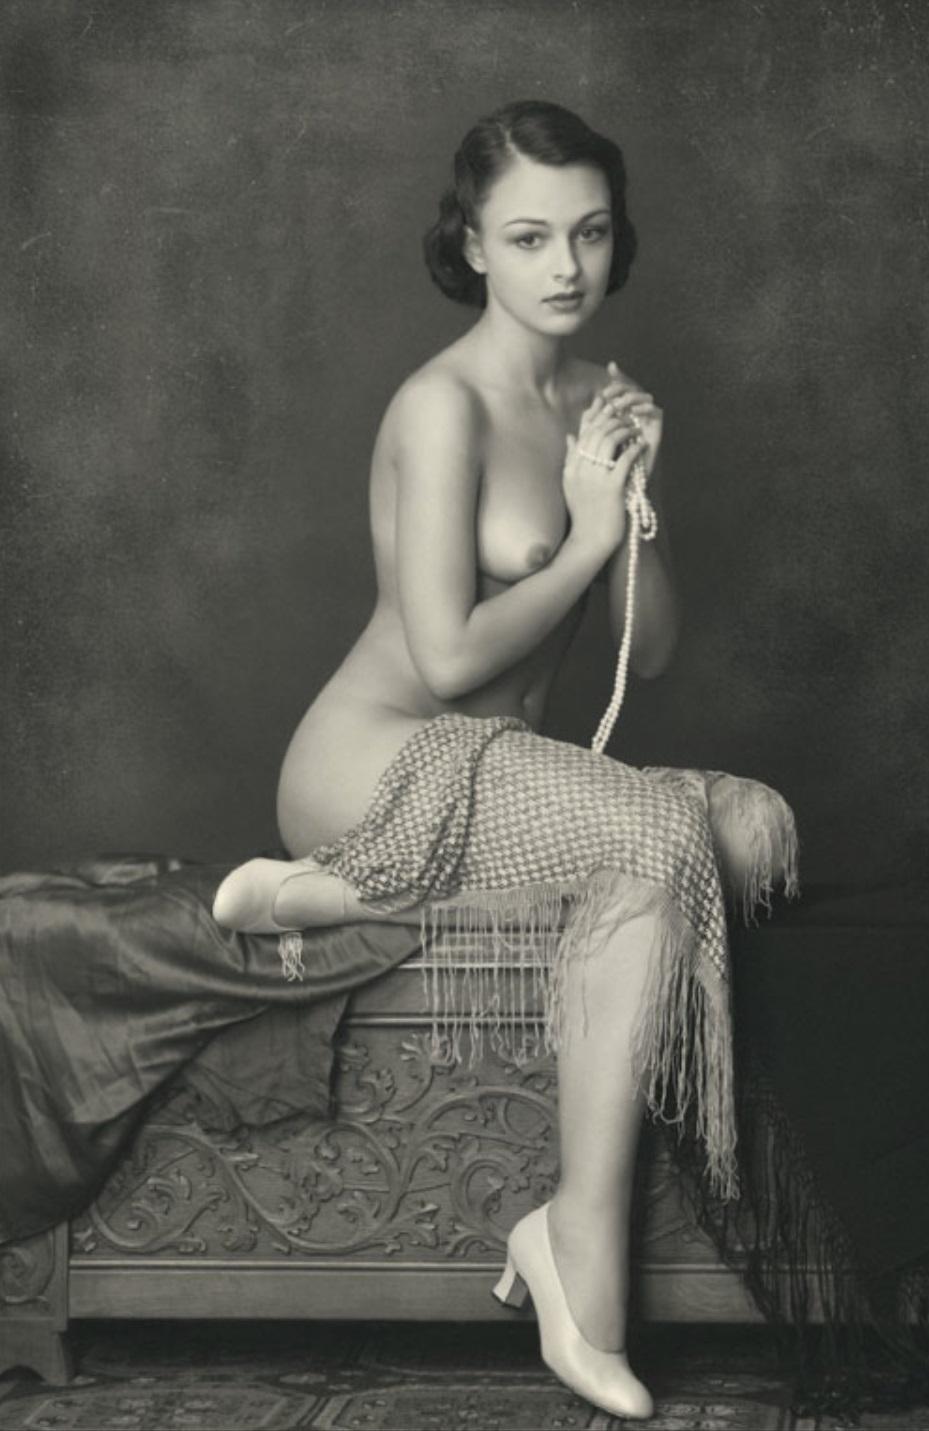 это очевидно. фото голые знаменитые артистки сообщение просто